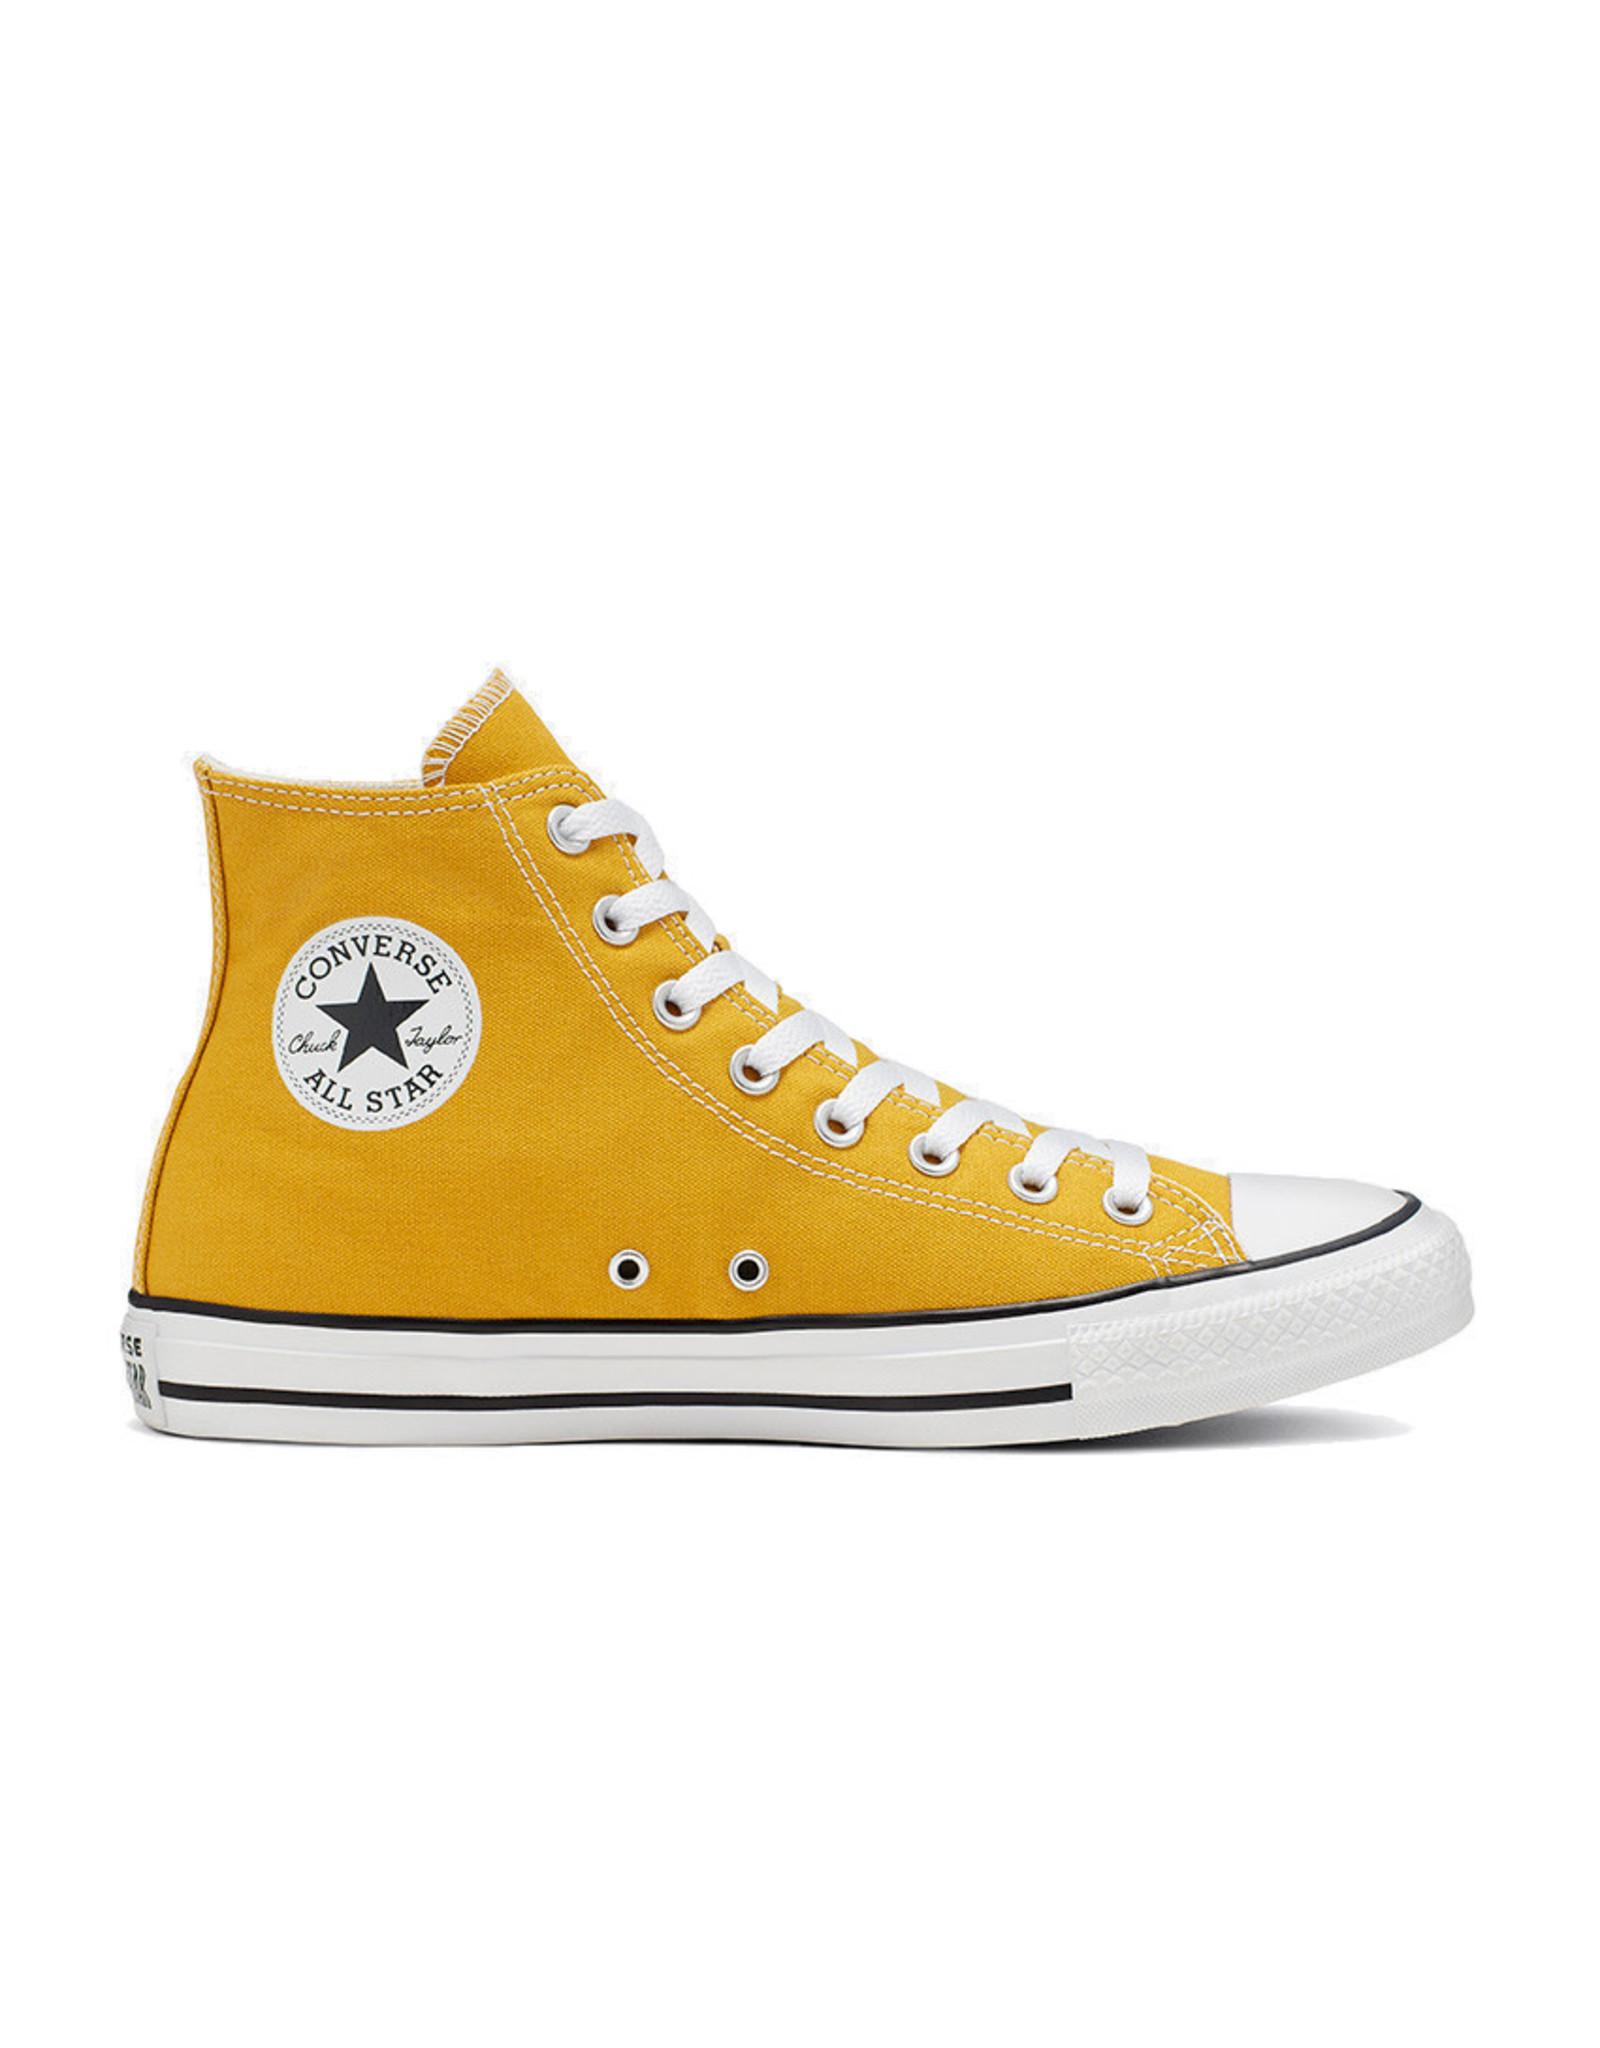 CONVERSE CHUCK TAYLOR ALL STAR HI GOLD DART C19GOD-164932C